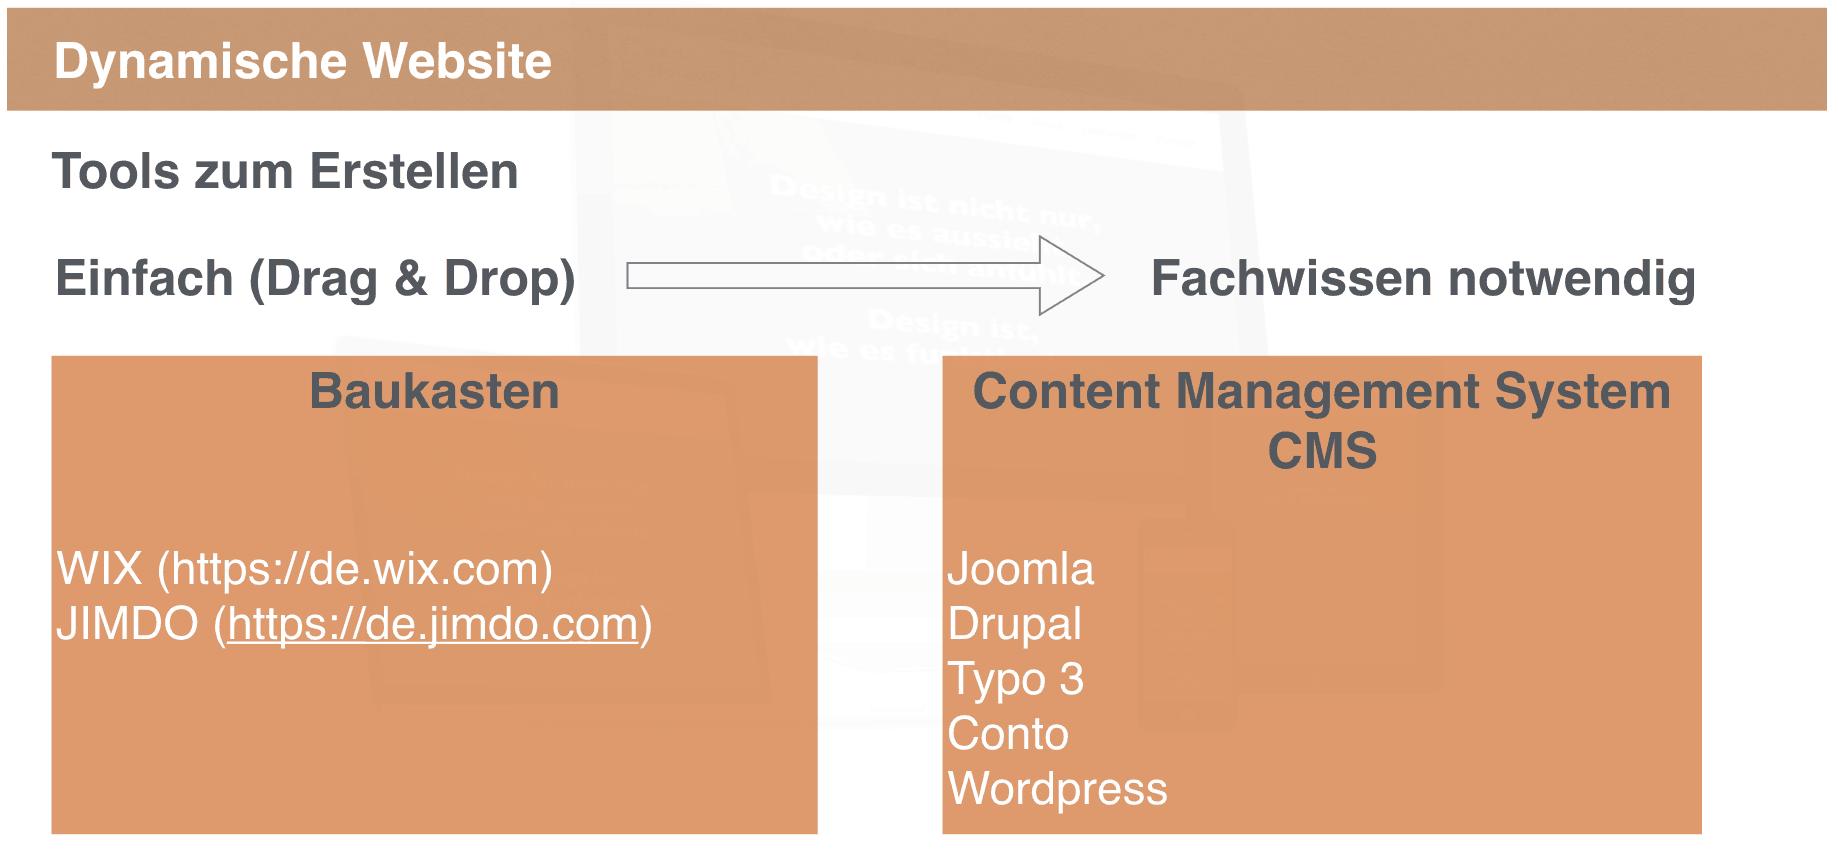 Tools für dynamische Webseiten